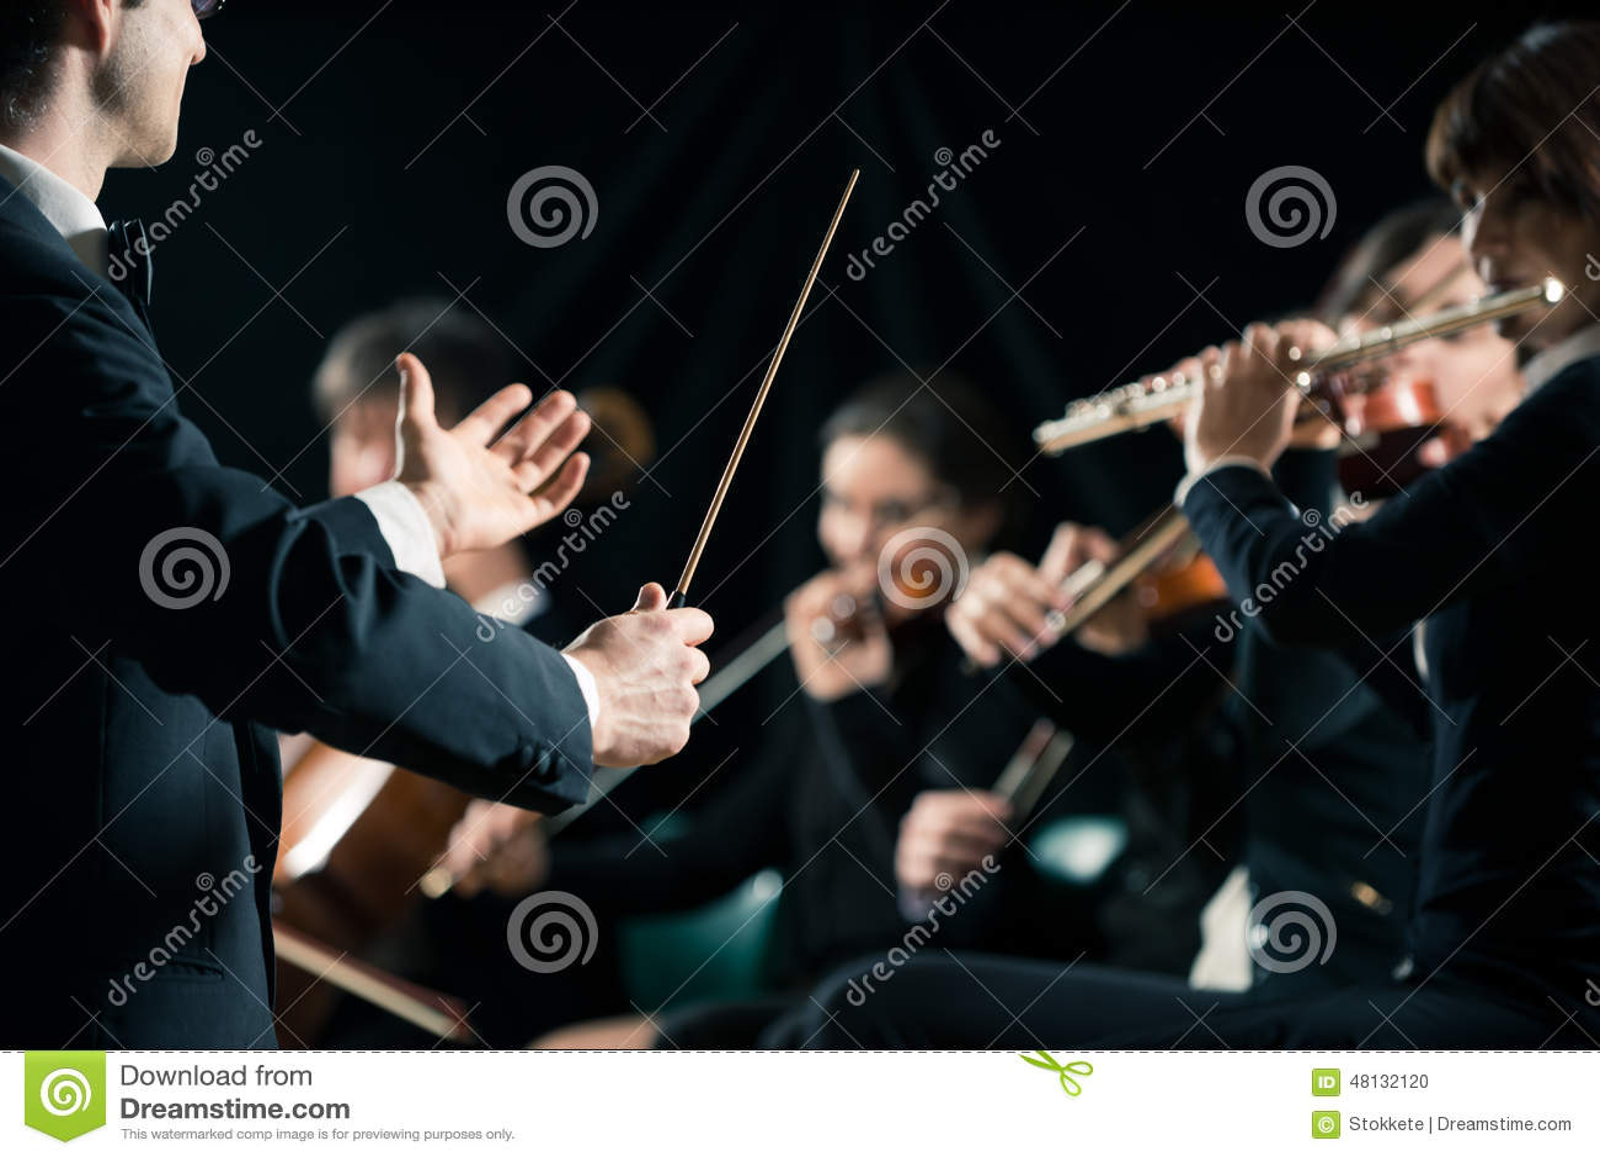 Αγωγός που κατευθύνει τη συμφωνική ορχήστρα